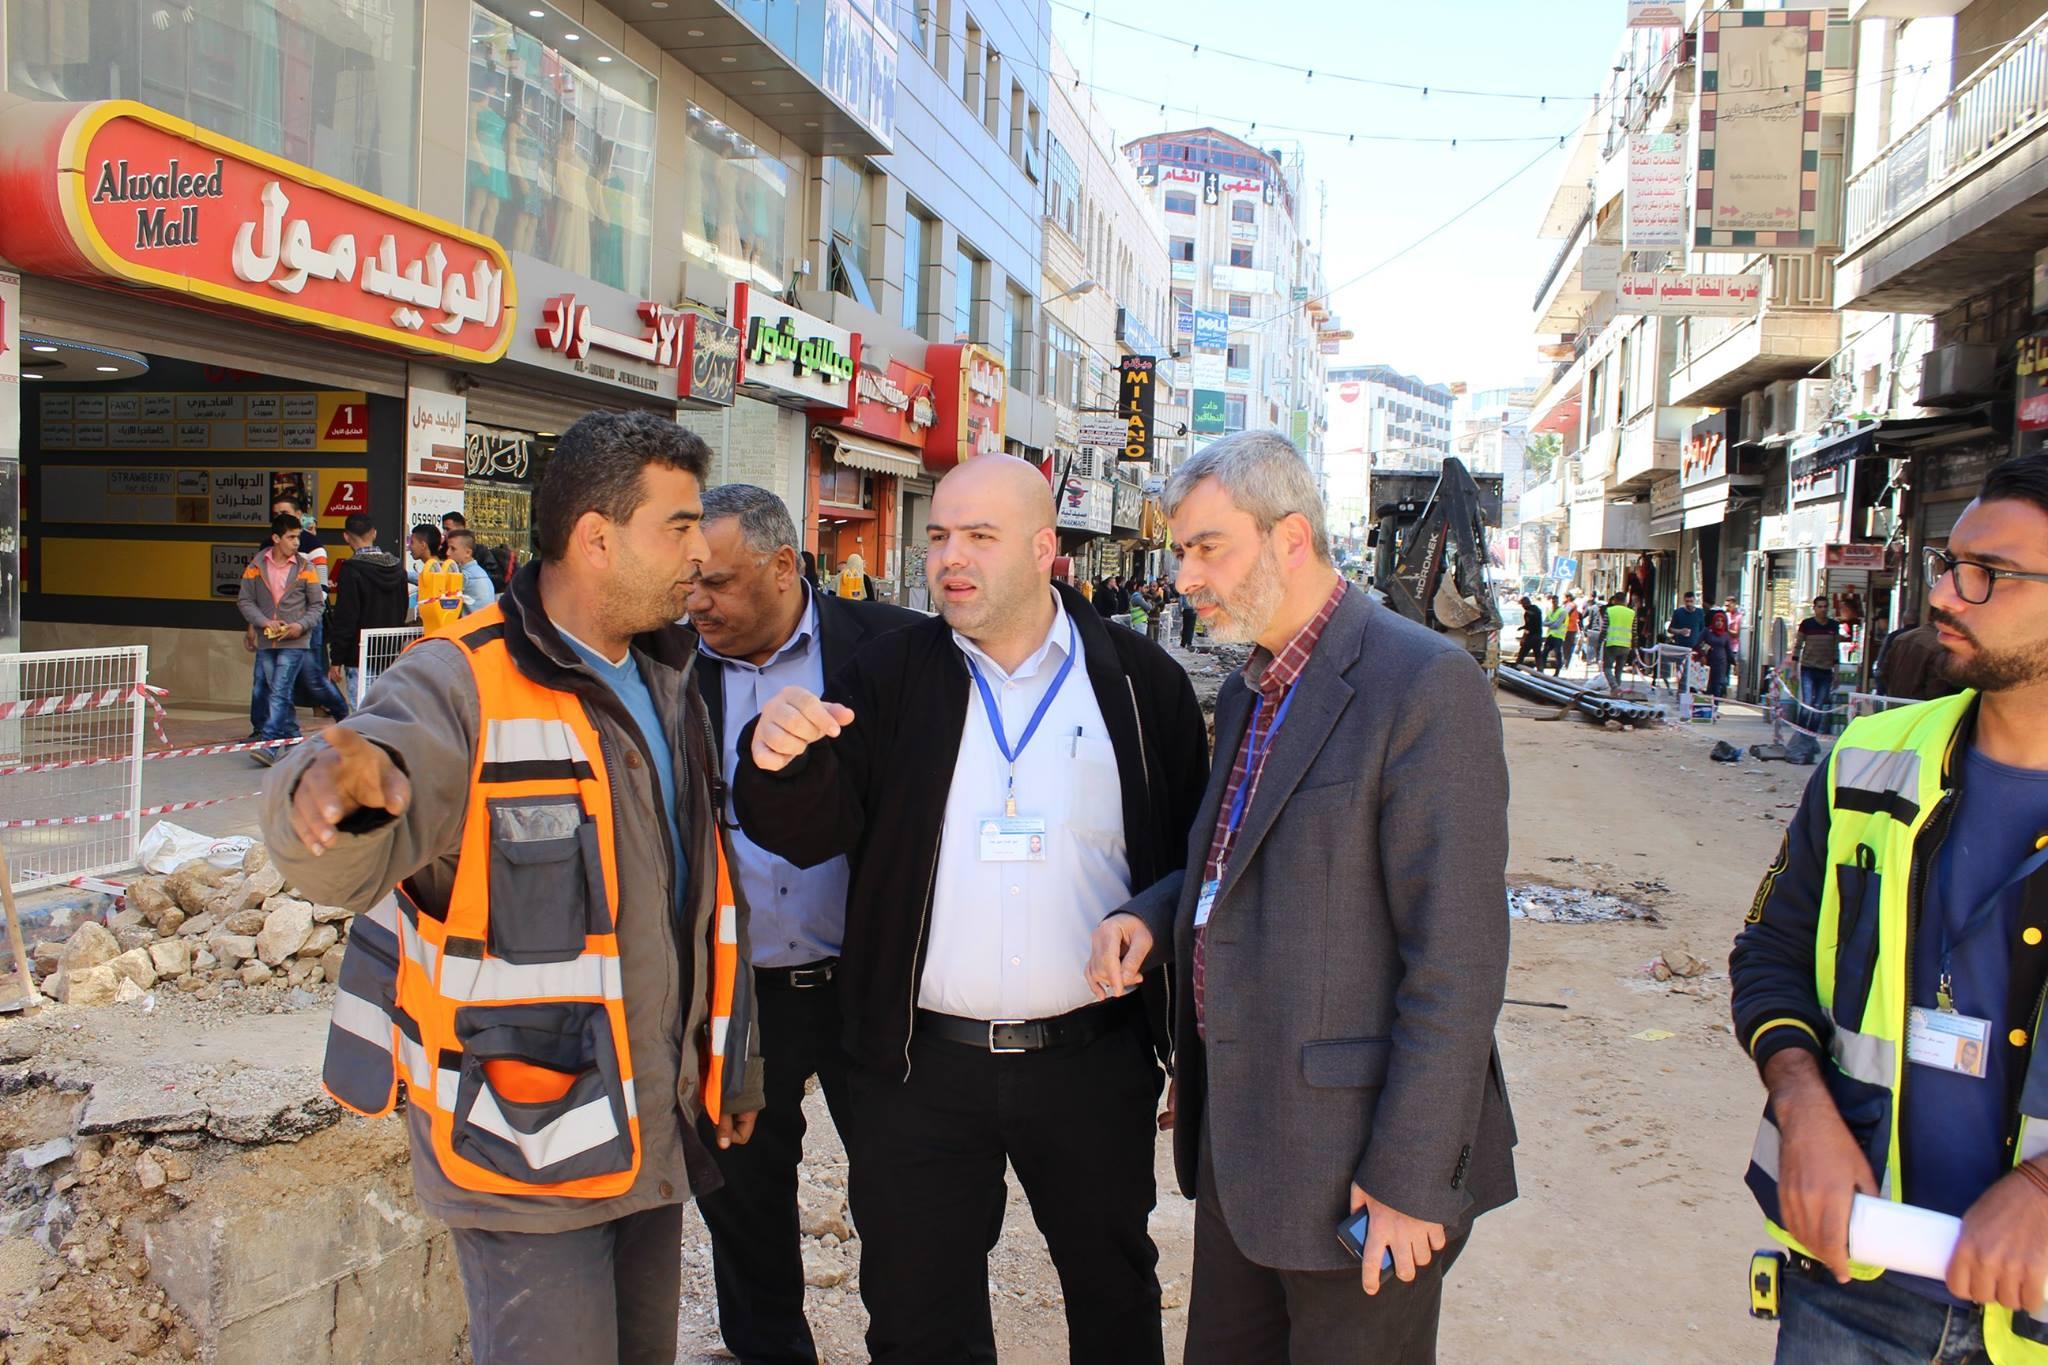 المصلحة تباشر بتنفيذ مشروع تمديد خط ناقل وتجديد شبكة المياه في شارع النهضة قرب المنارة